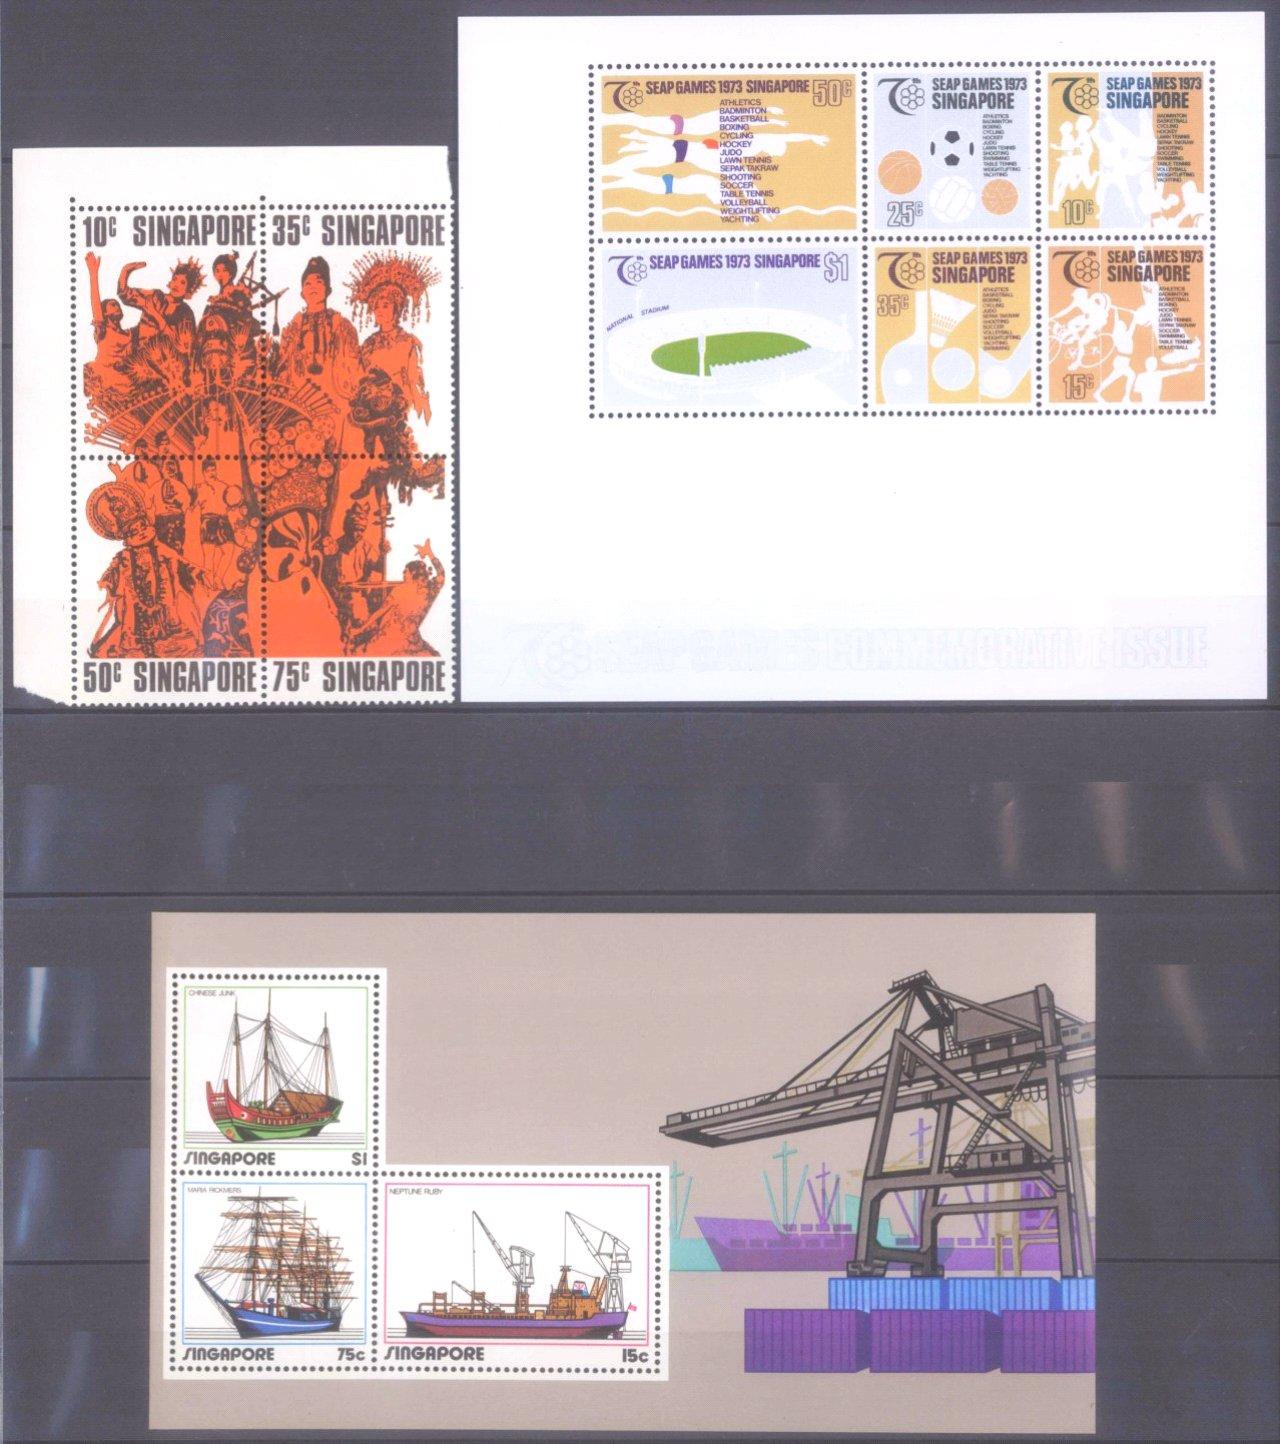 SINGAPUR 1972 / 1973, Motiv Sport, Schiffe und Tanz